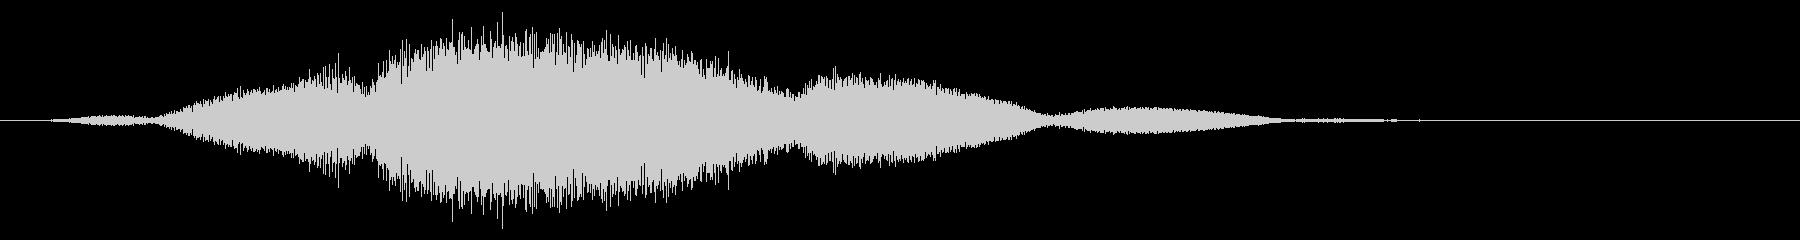 スロードラマティックシンセスウェルダウンの未再生の波形